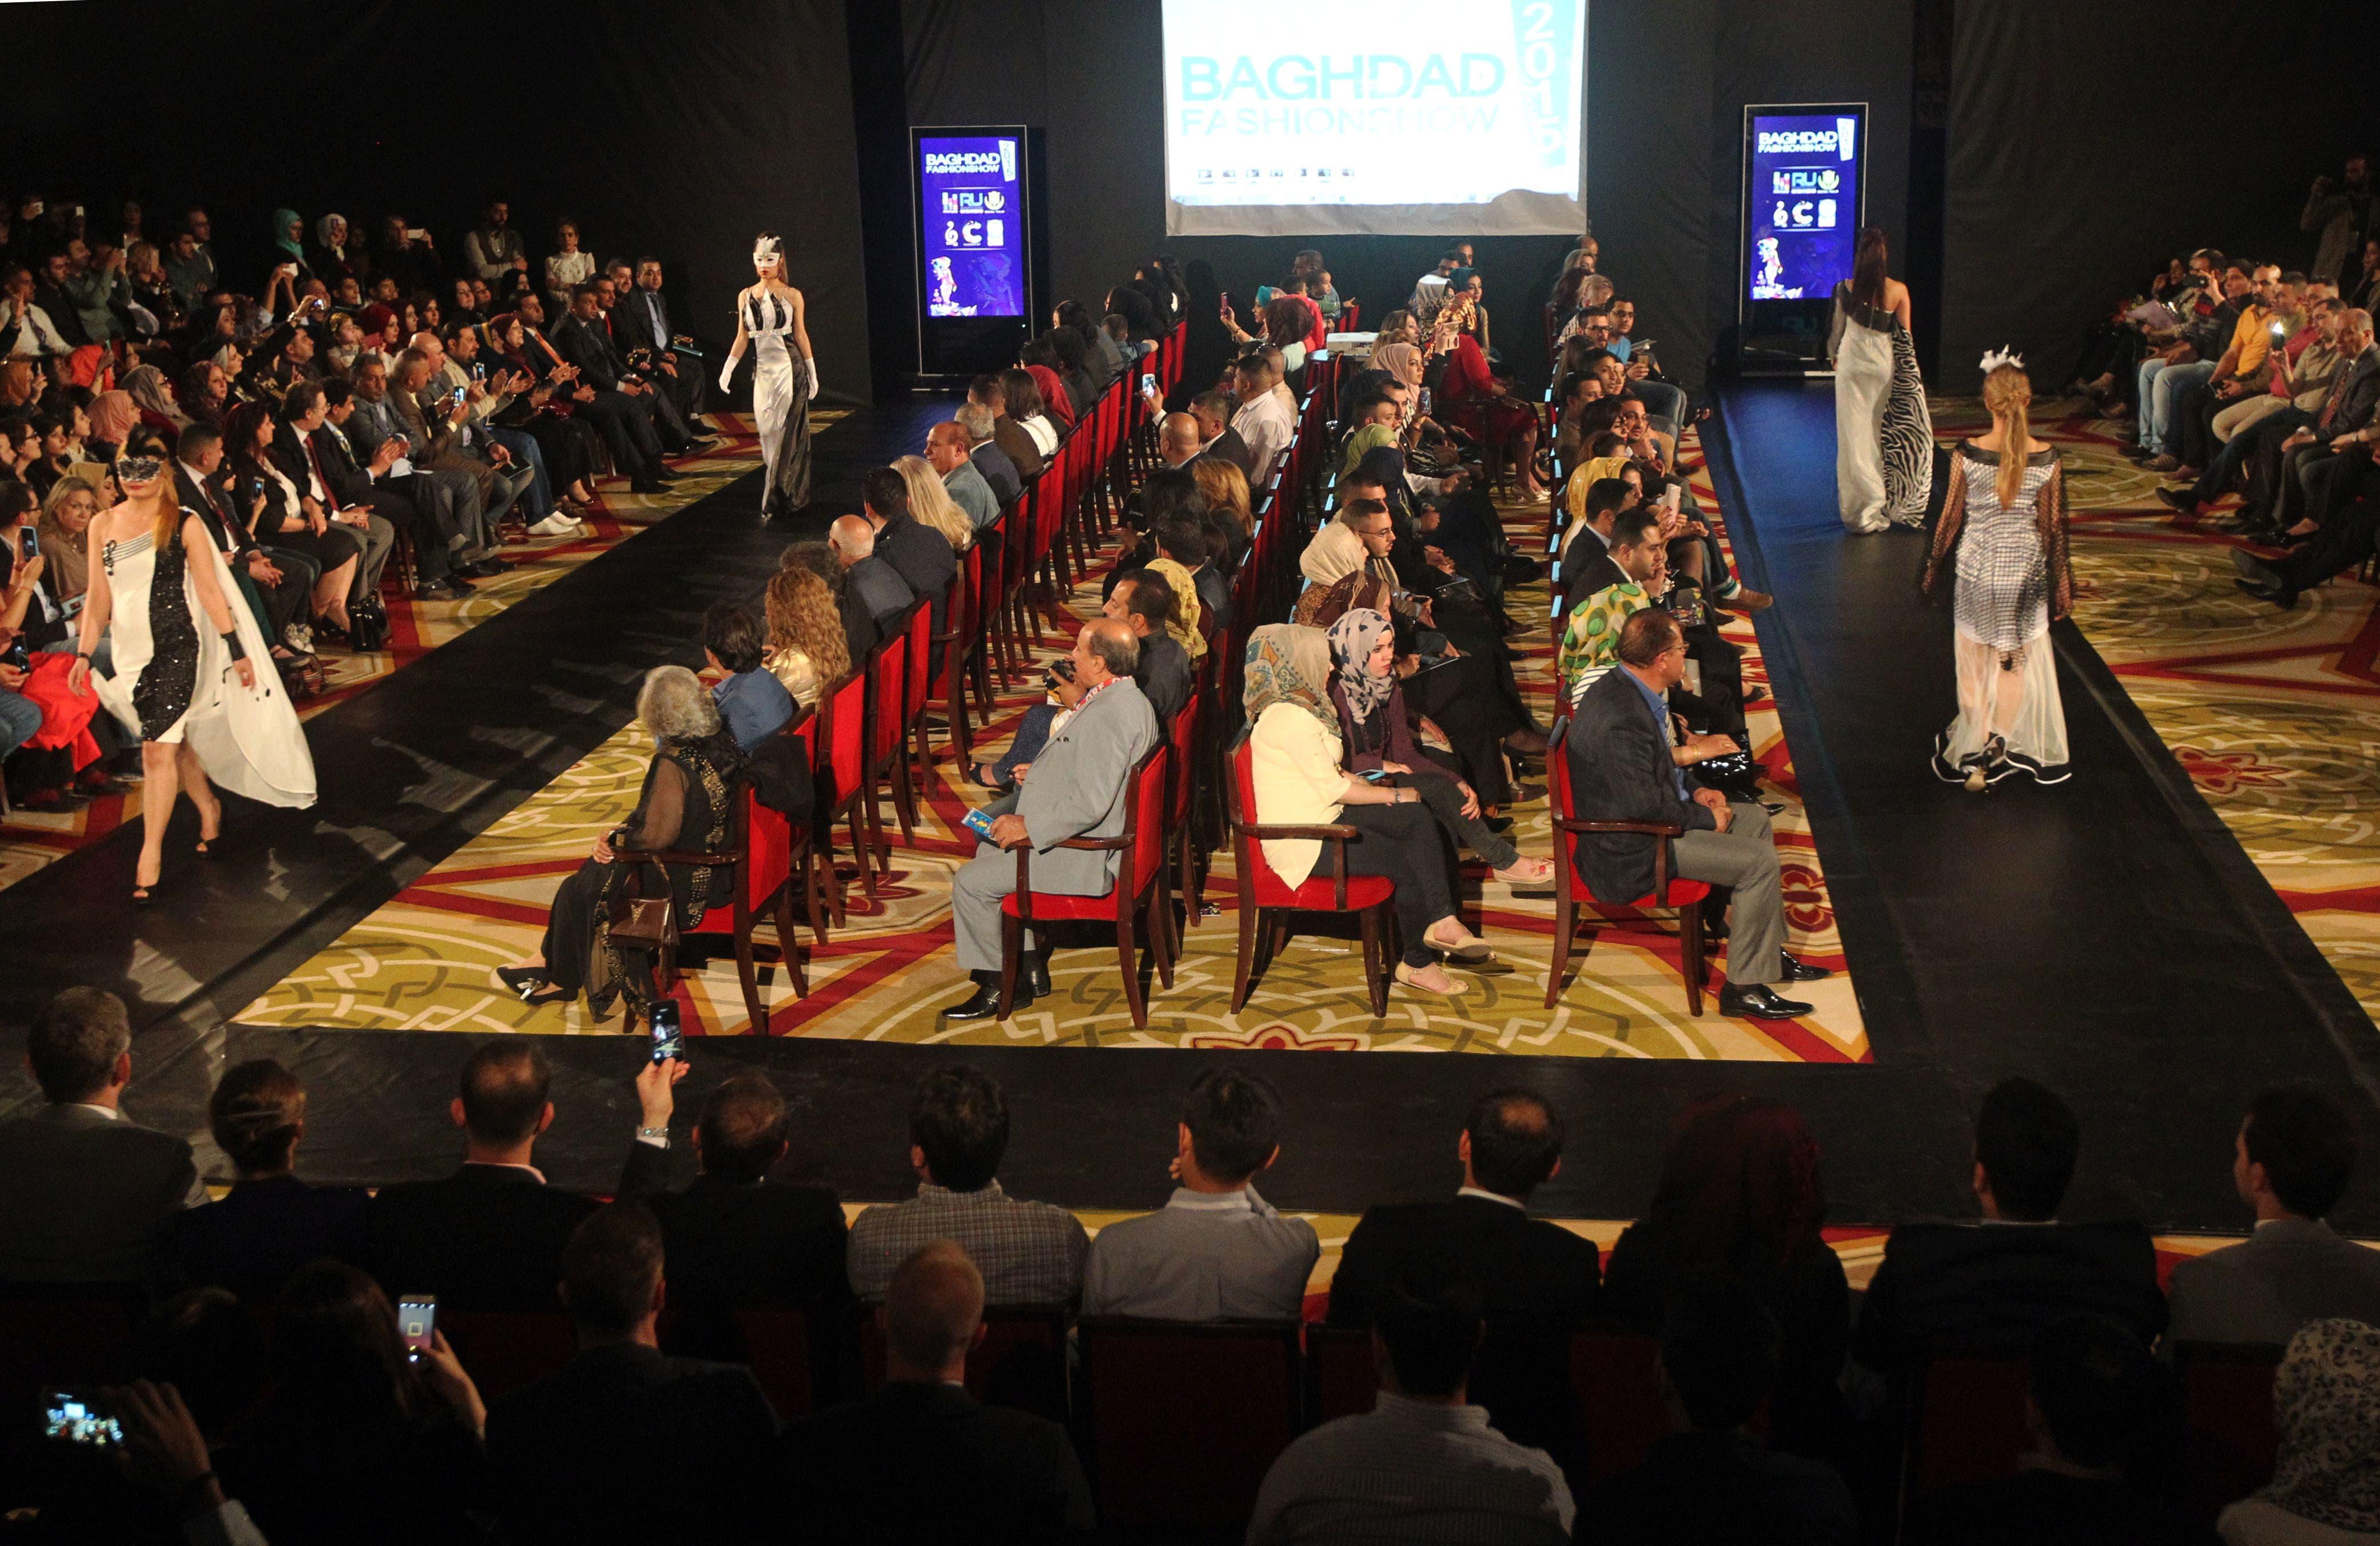 Glamour over gloom: Baghdad hosts fashion show (AFP)